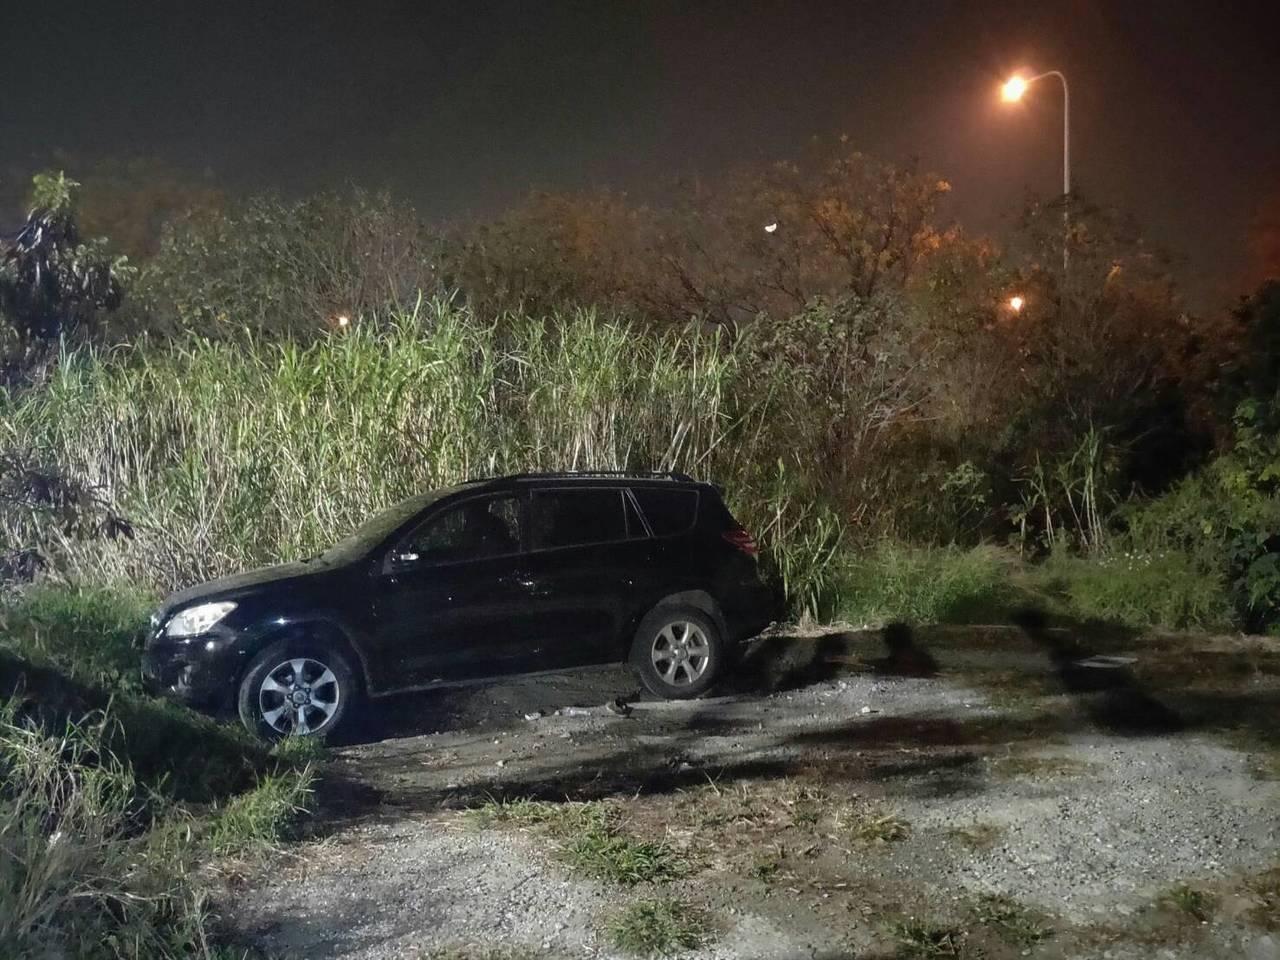 彰化市林森西路中山高附近草叢,疑有人在車內燒炭自殺,在趕到現場發現停放的休旅車,...